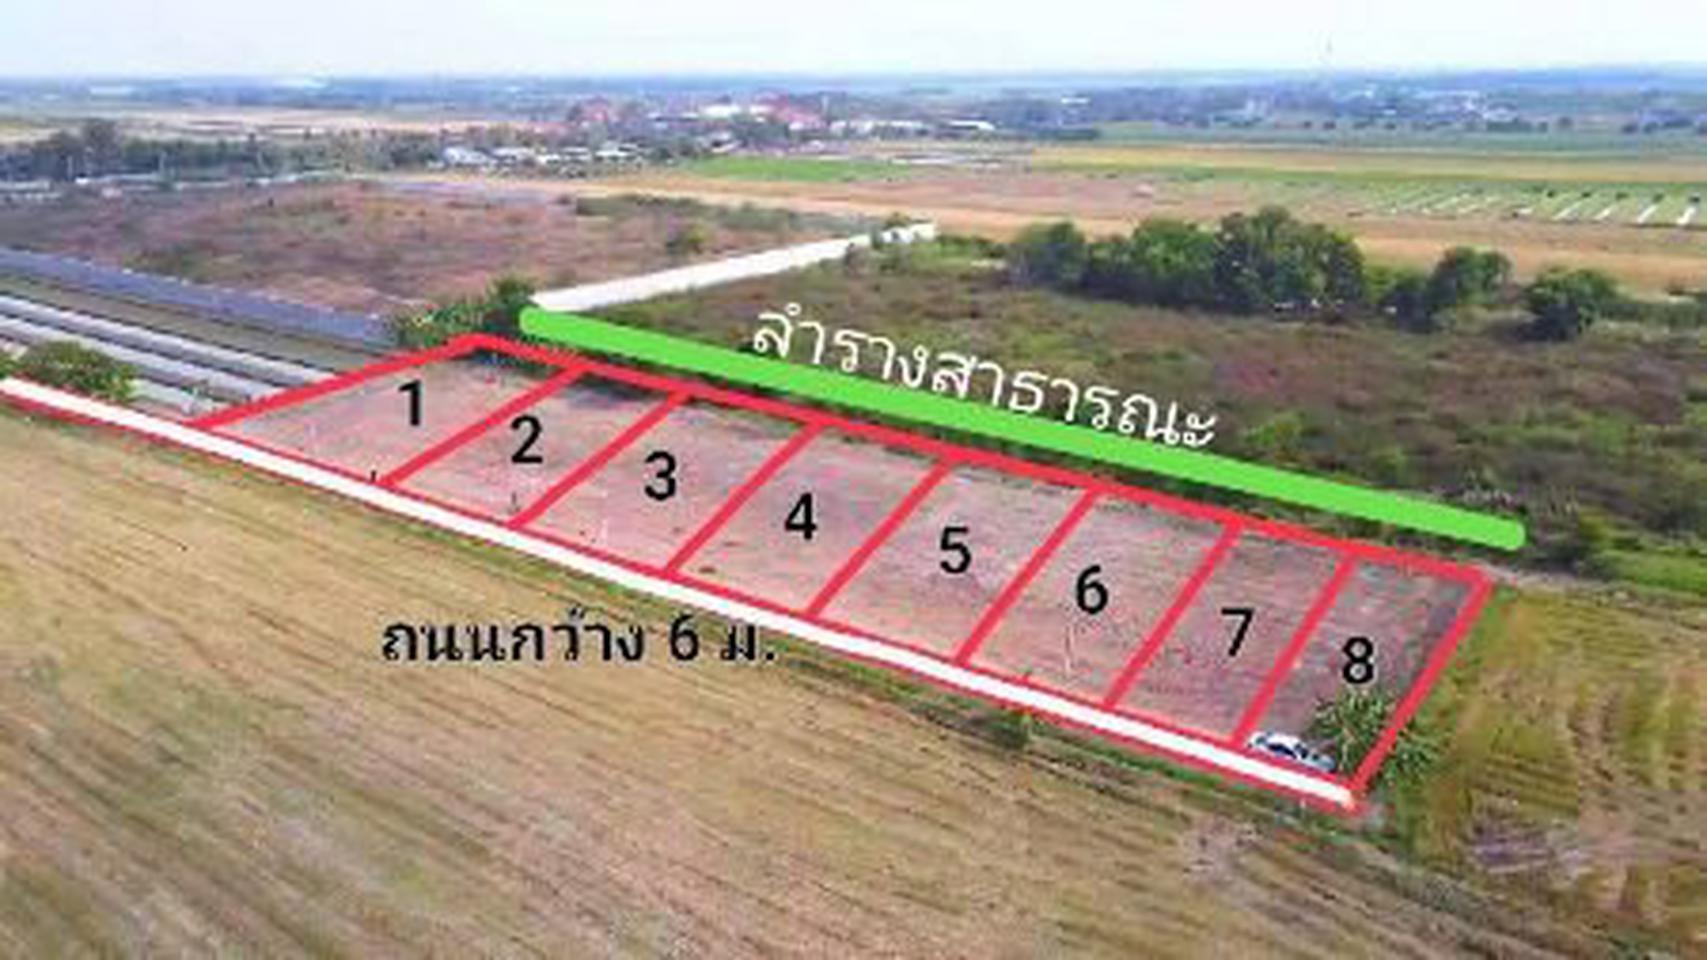 ขาย  ที่ดิน ที่สวยทำเลดี ที่ดินแบ่งขาย 100ตรว  ที่ดินสวยที่คุณสามารถเป็นเจ้าของได้ รูปที่ 1